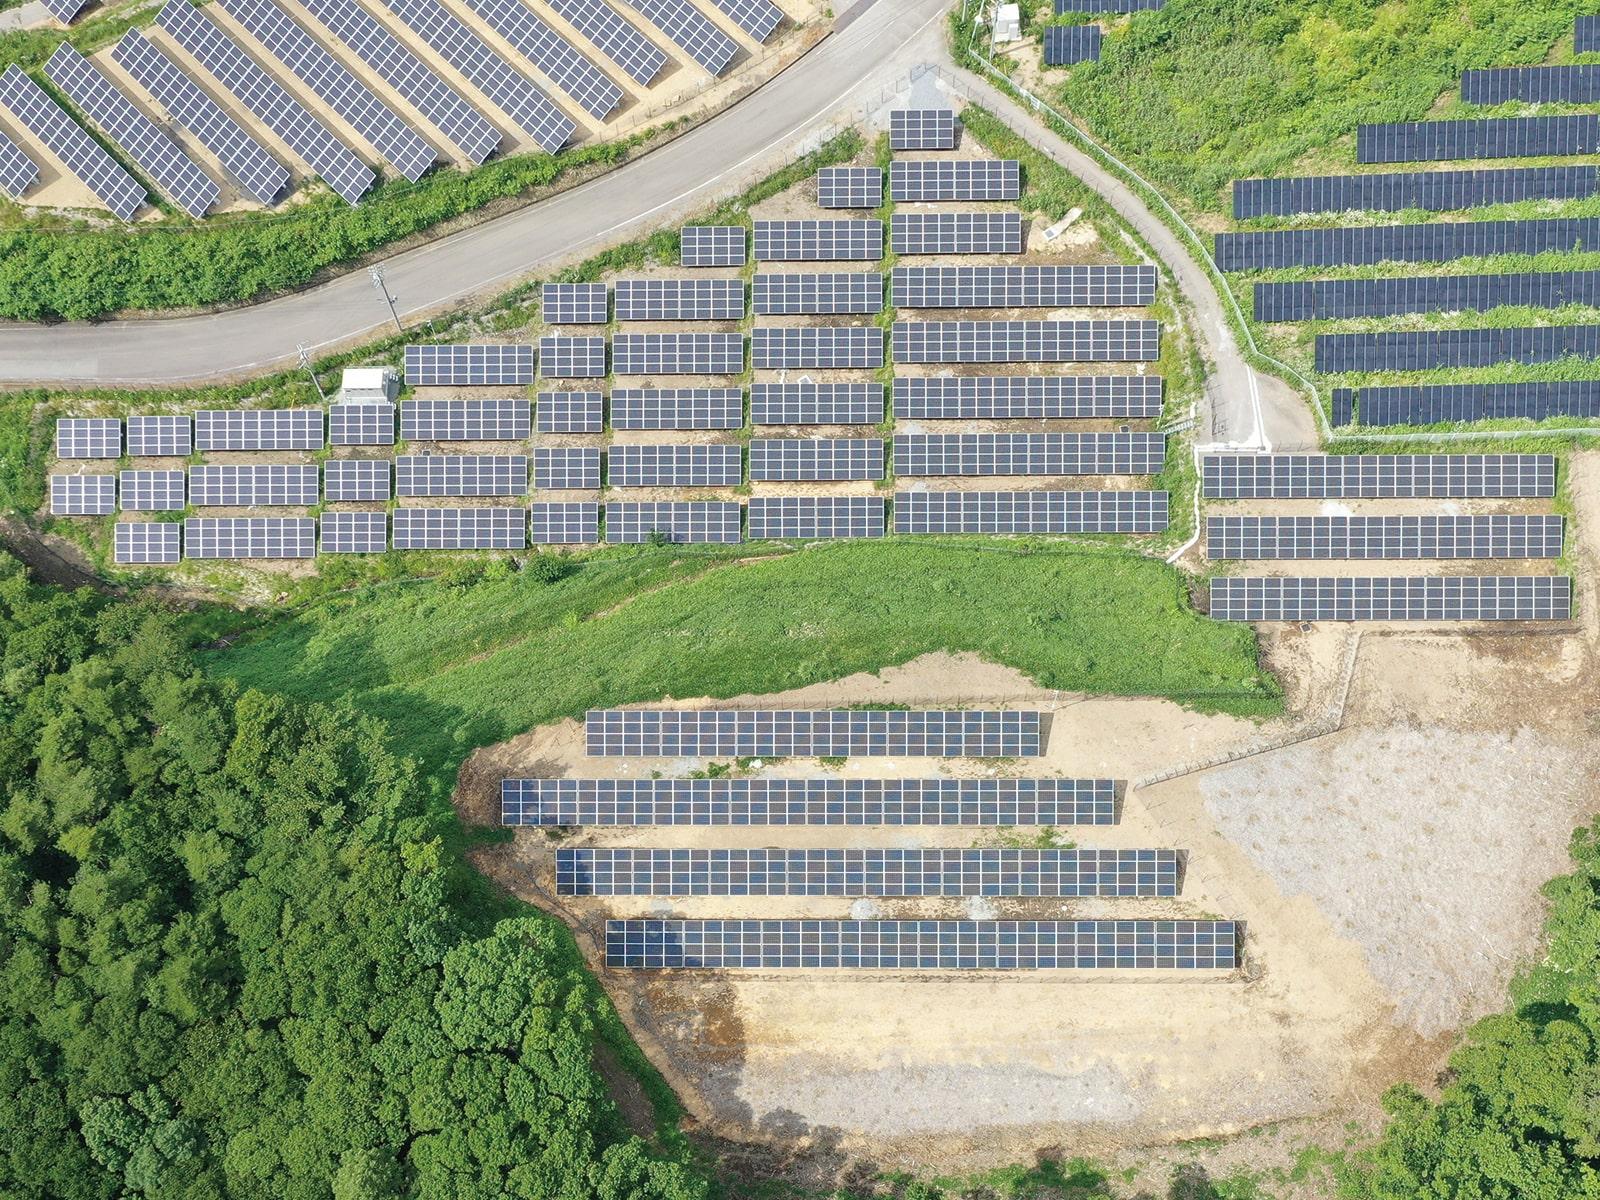 Blue Power軽井沢第7発電所|発電施設一覧|再生可能エネルギー ...